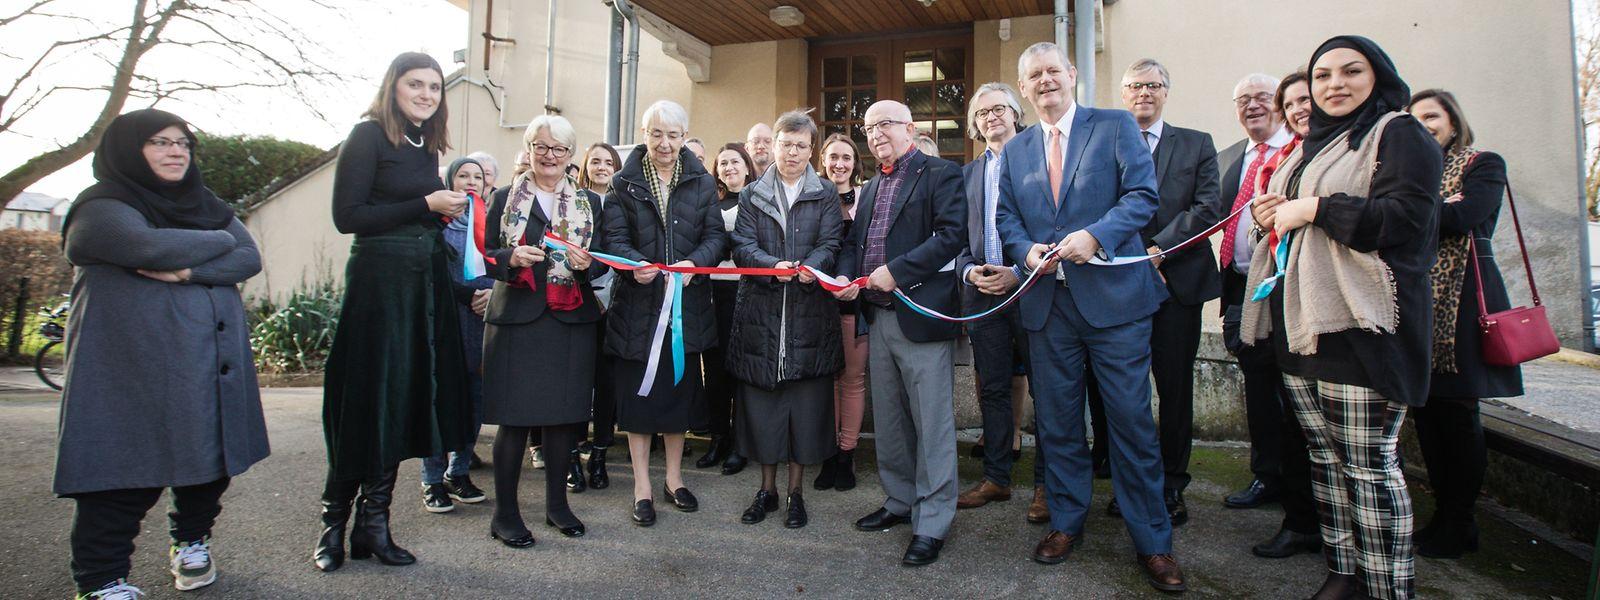 La maison a ouvert en novembre et a été inaugurée ce 16 janvier.